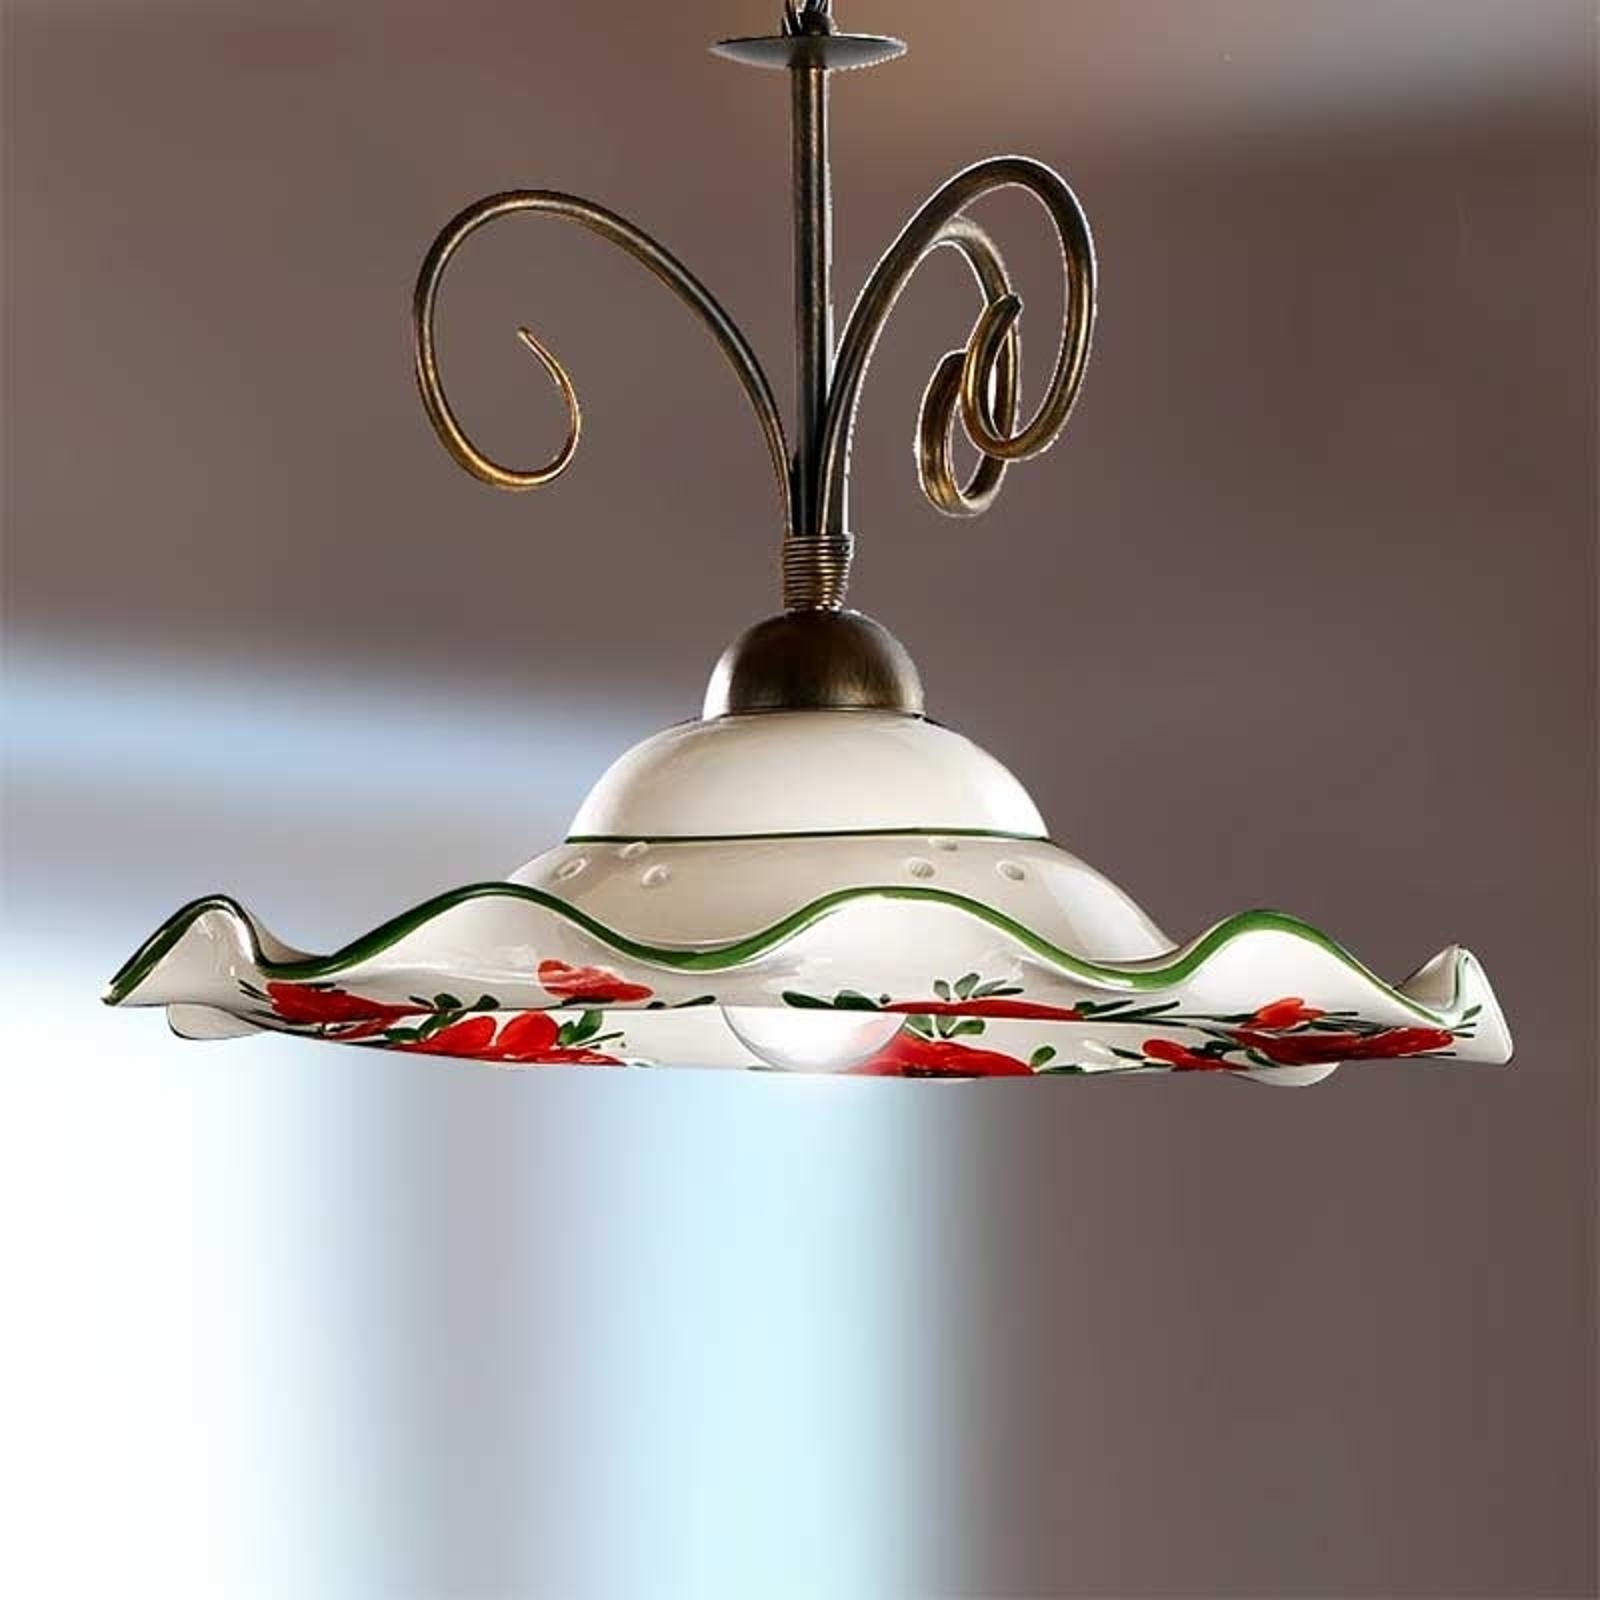 Závesná lampa ROSOLACCI_2013086_1